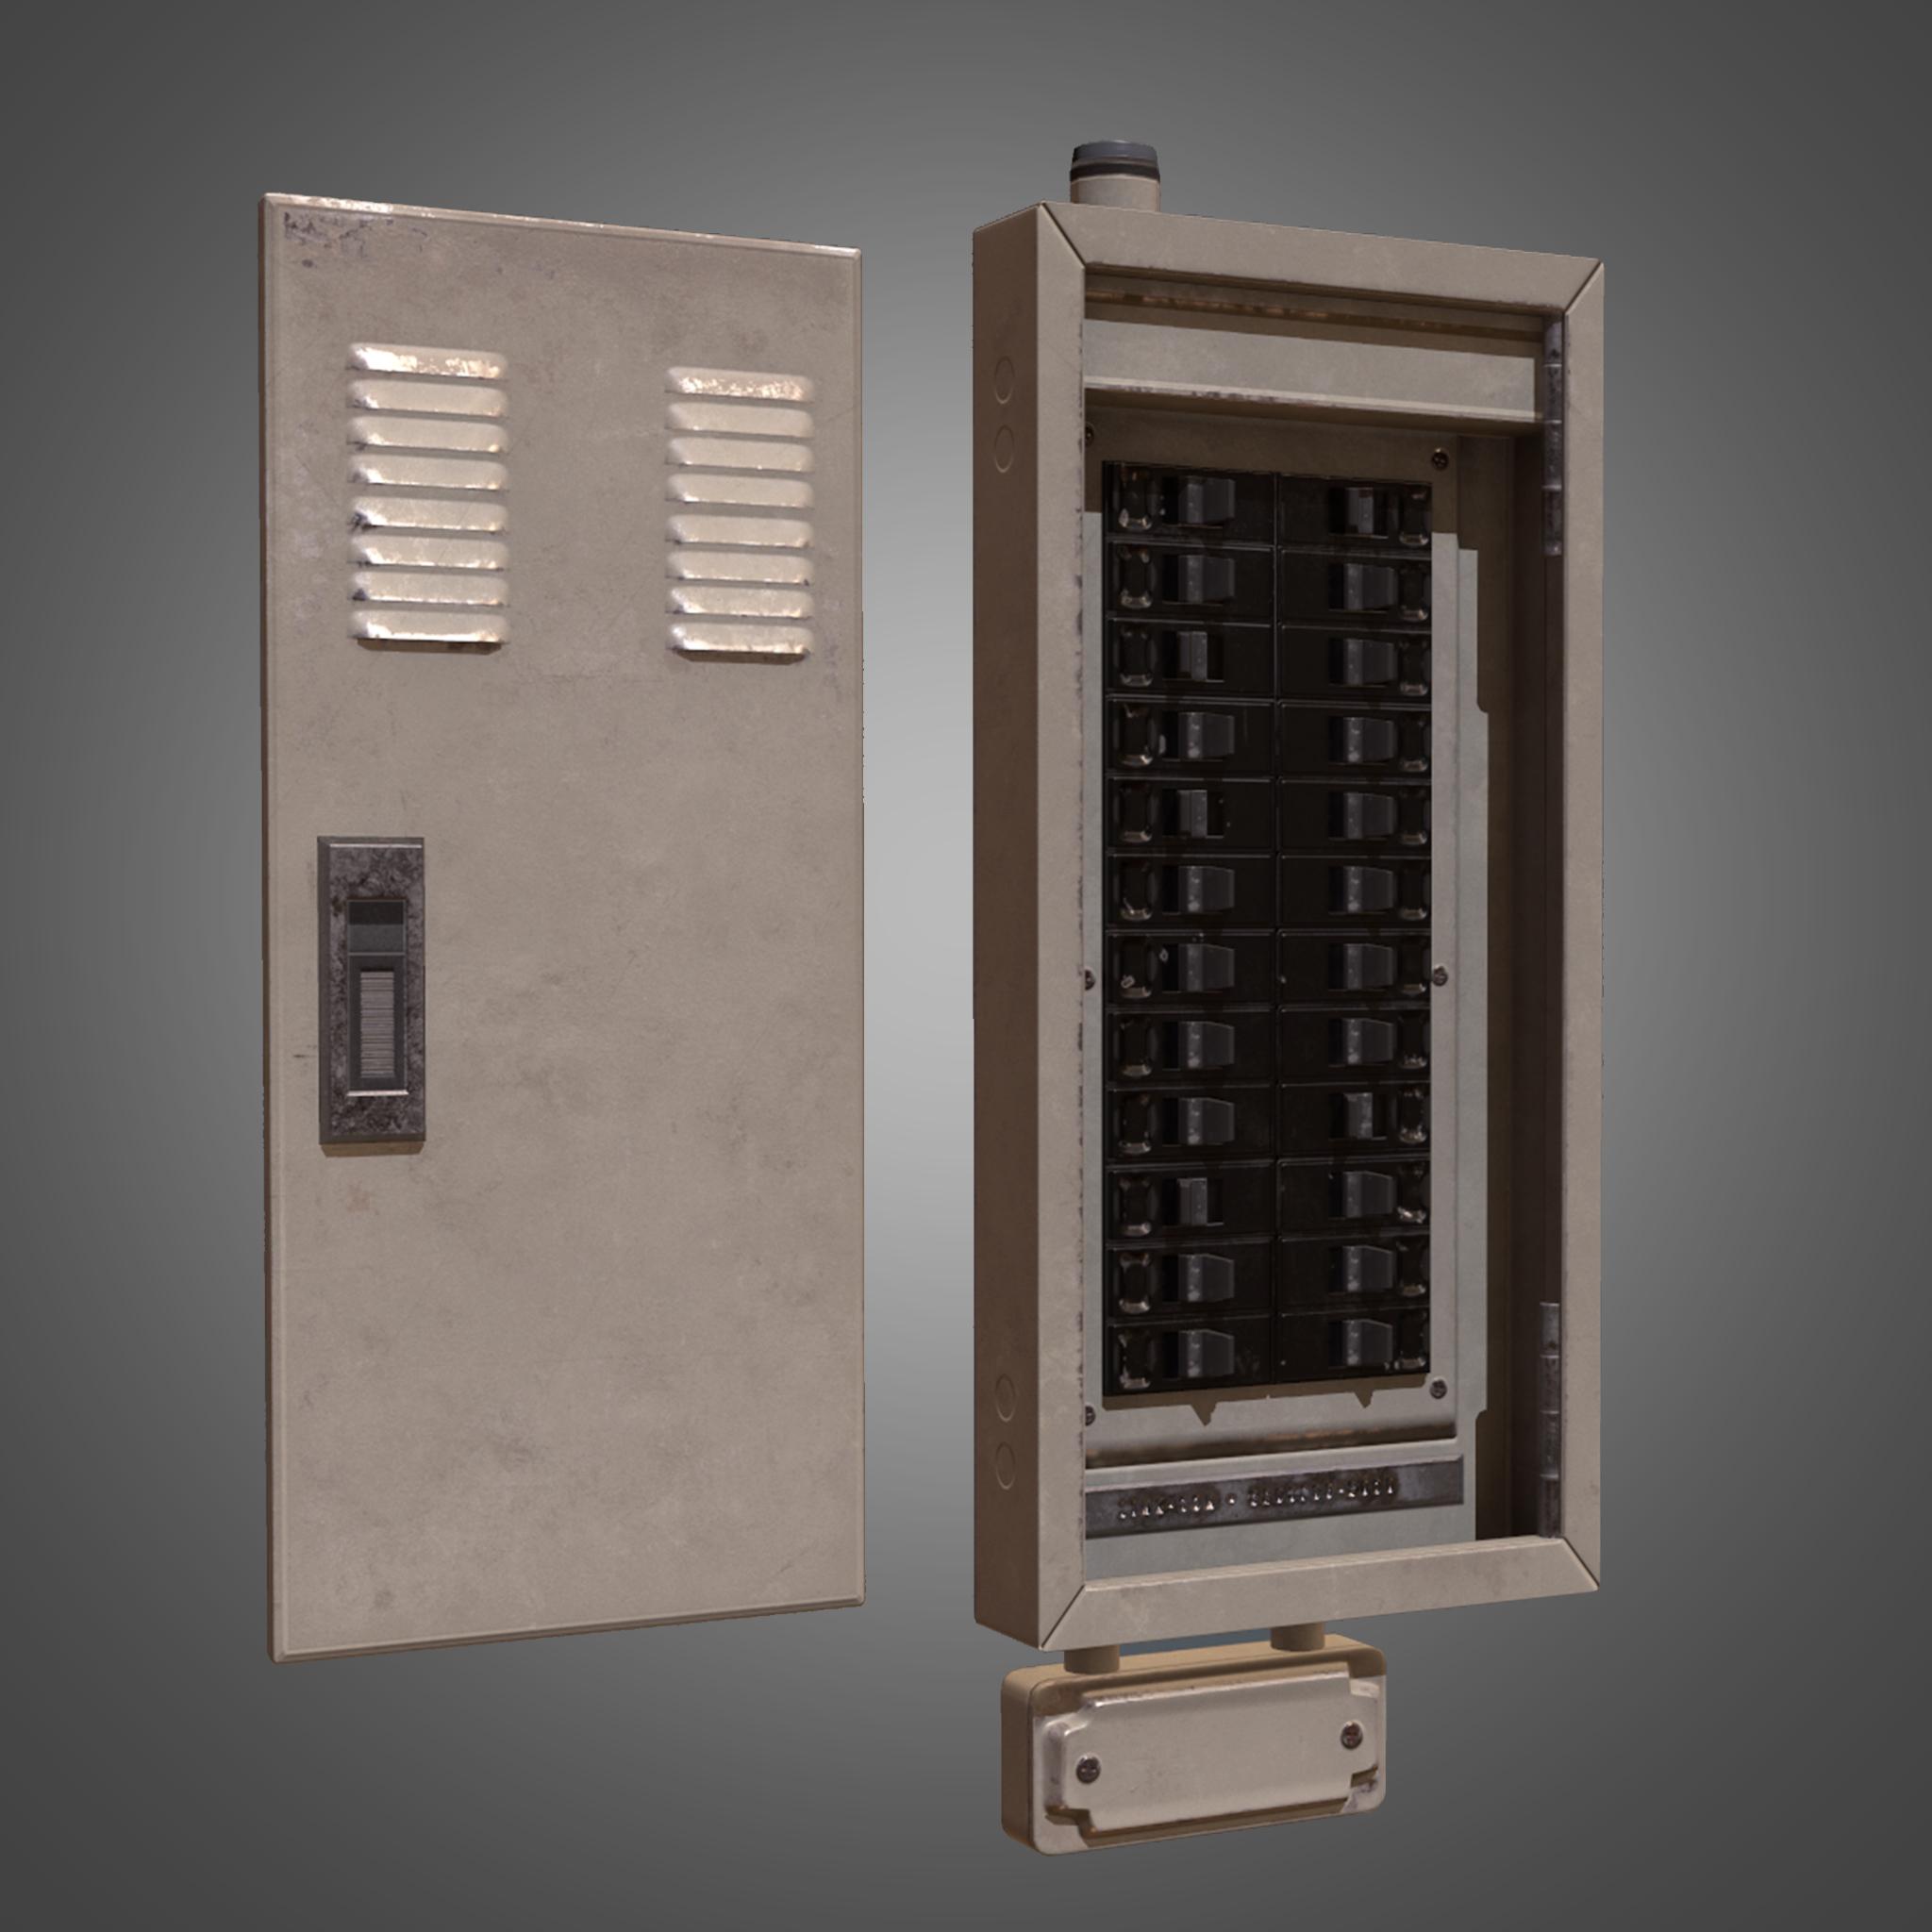 Home Fuse Box